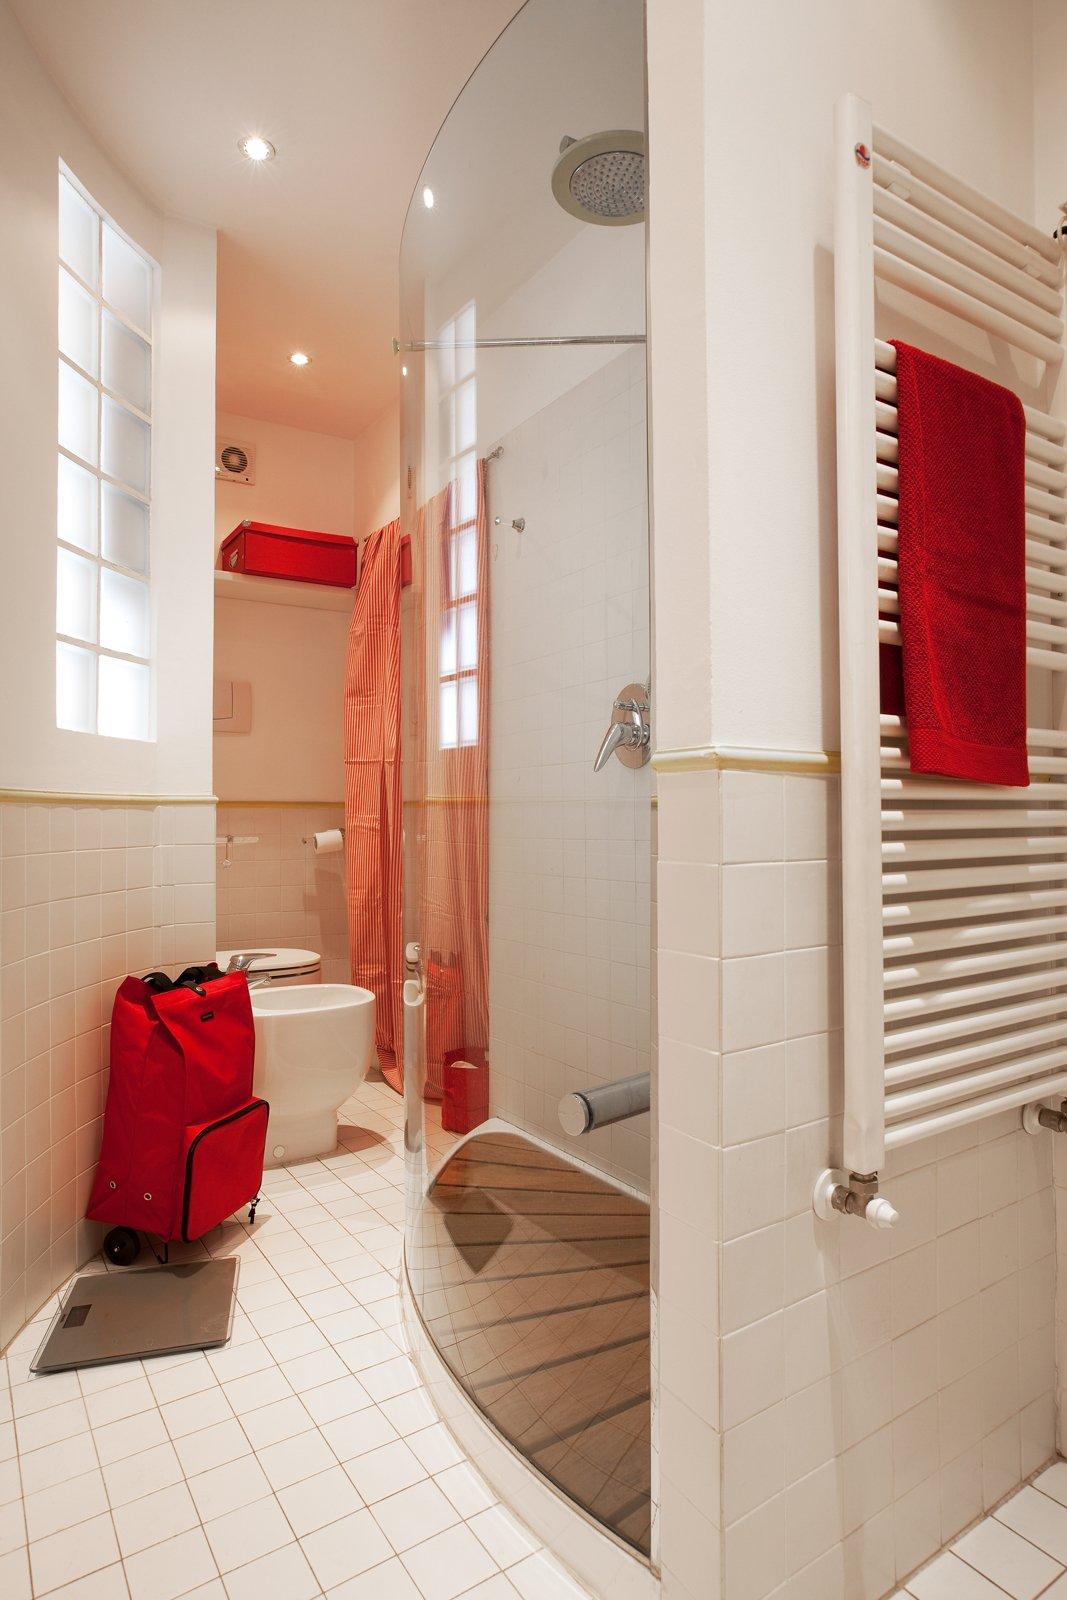 Monolocale di 25 mq con soluzioni salvaspazio cose di casa - Finestra interna per bagno cieco ...